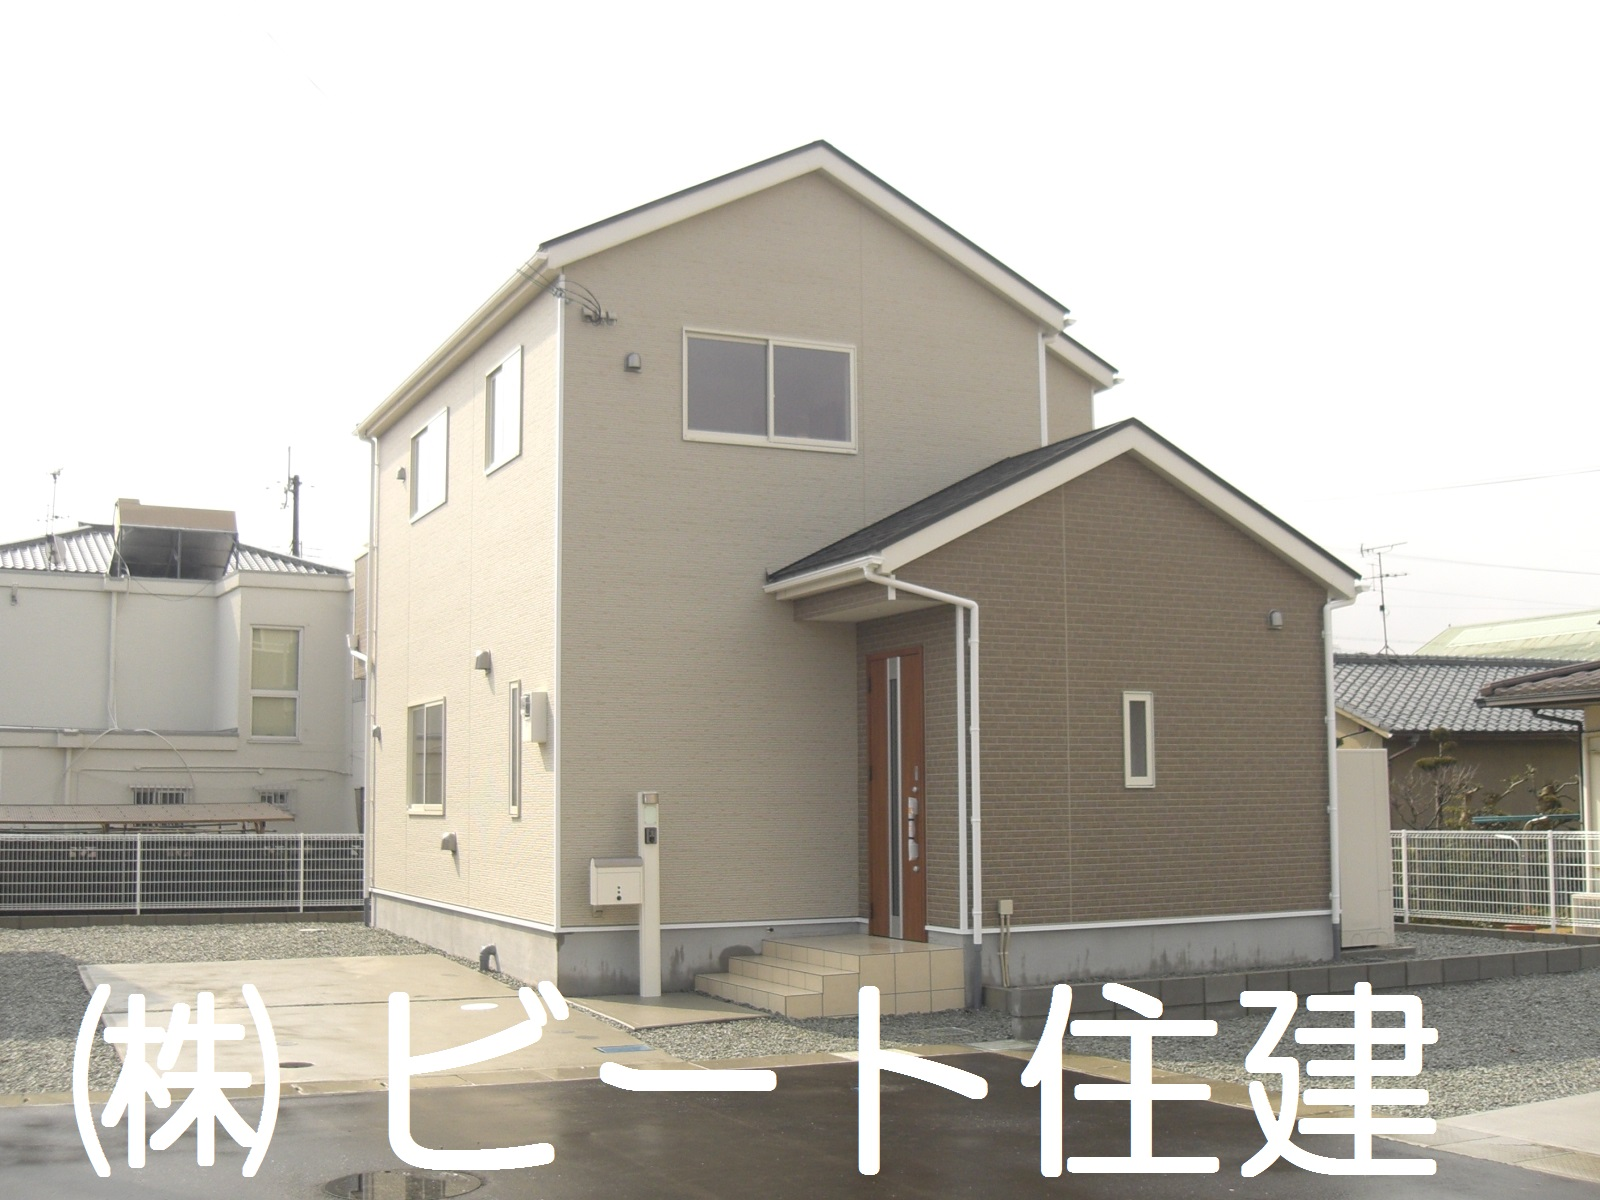 新築 4LDK オール電化 住宅